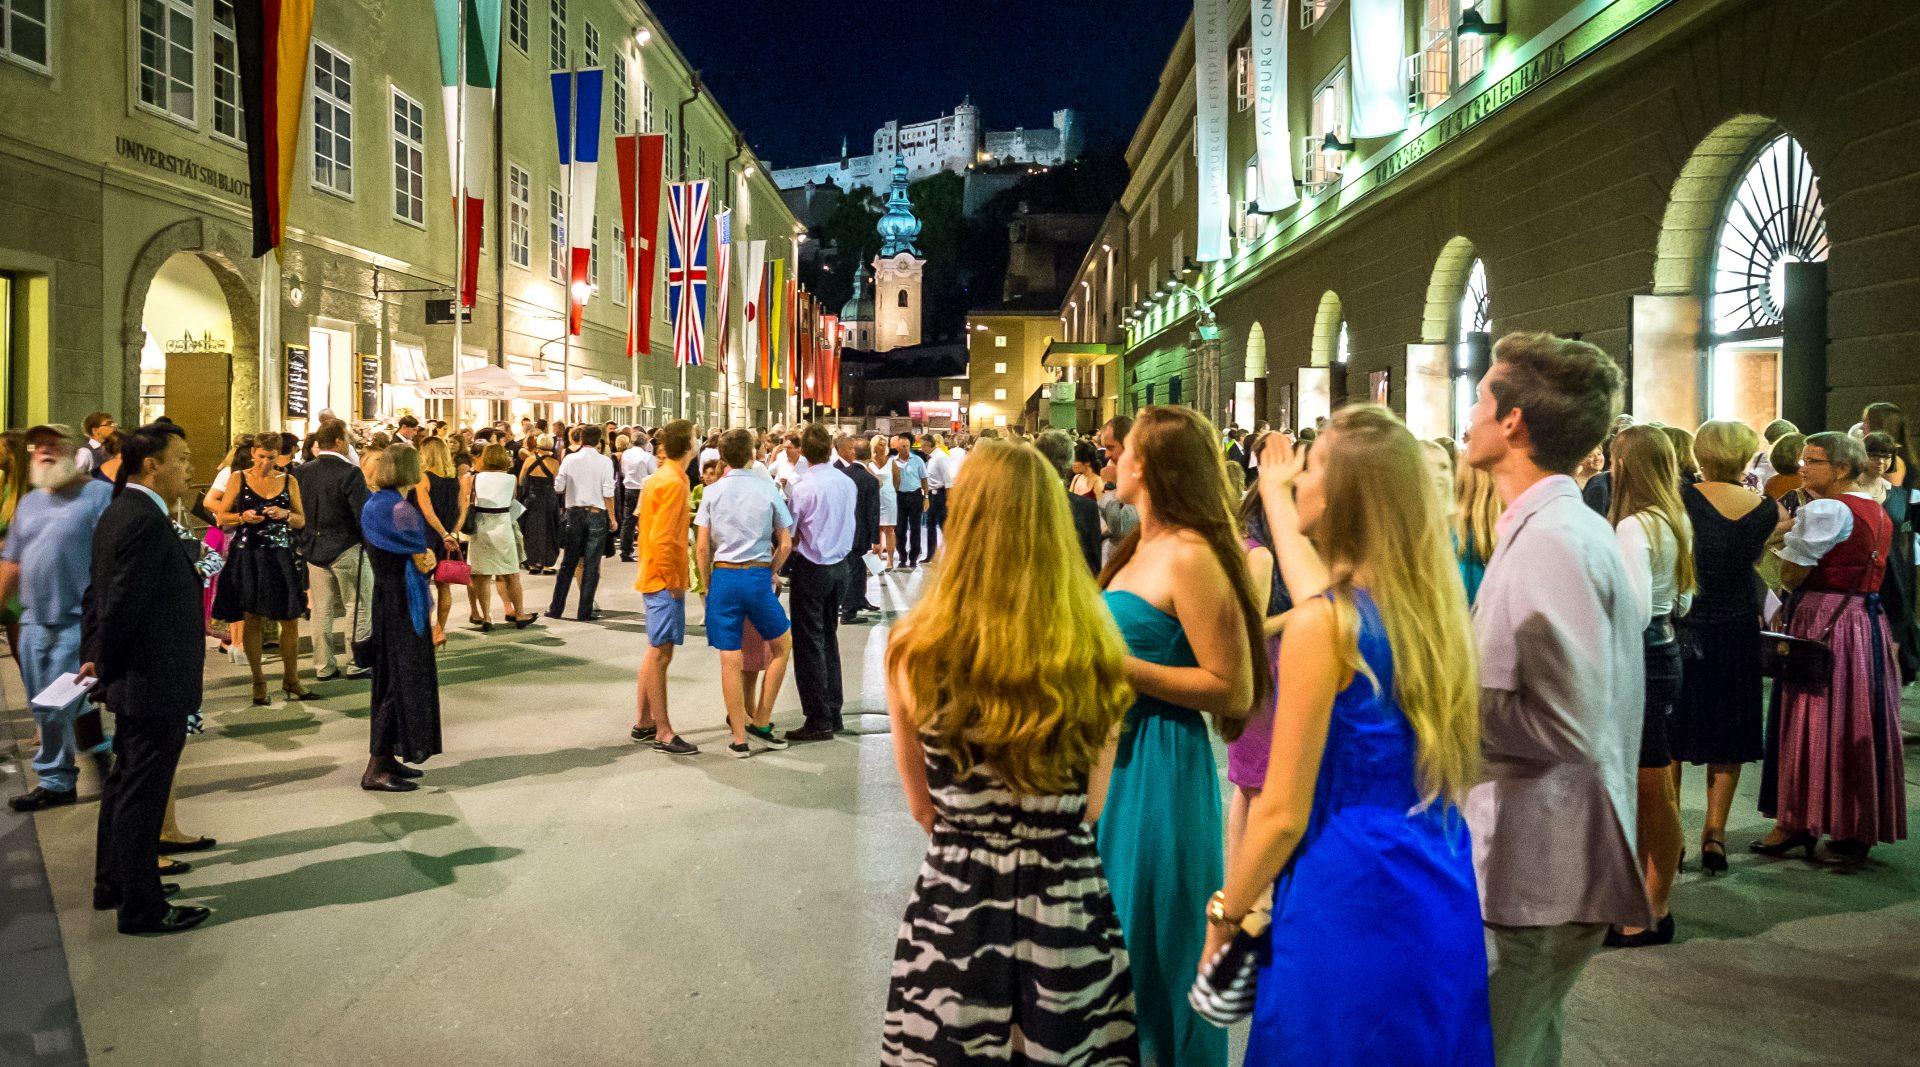 © Tourismus Salzburg GmbH, G.Breitegger - Salzburger Festspiele